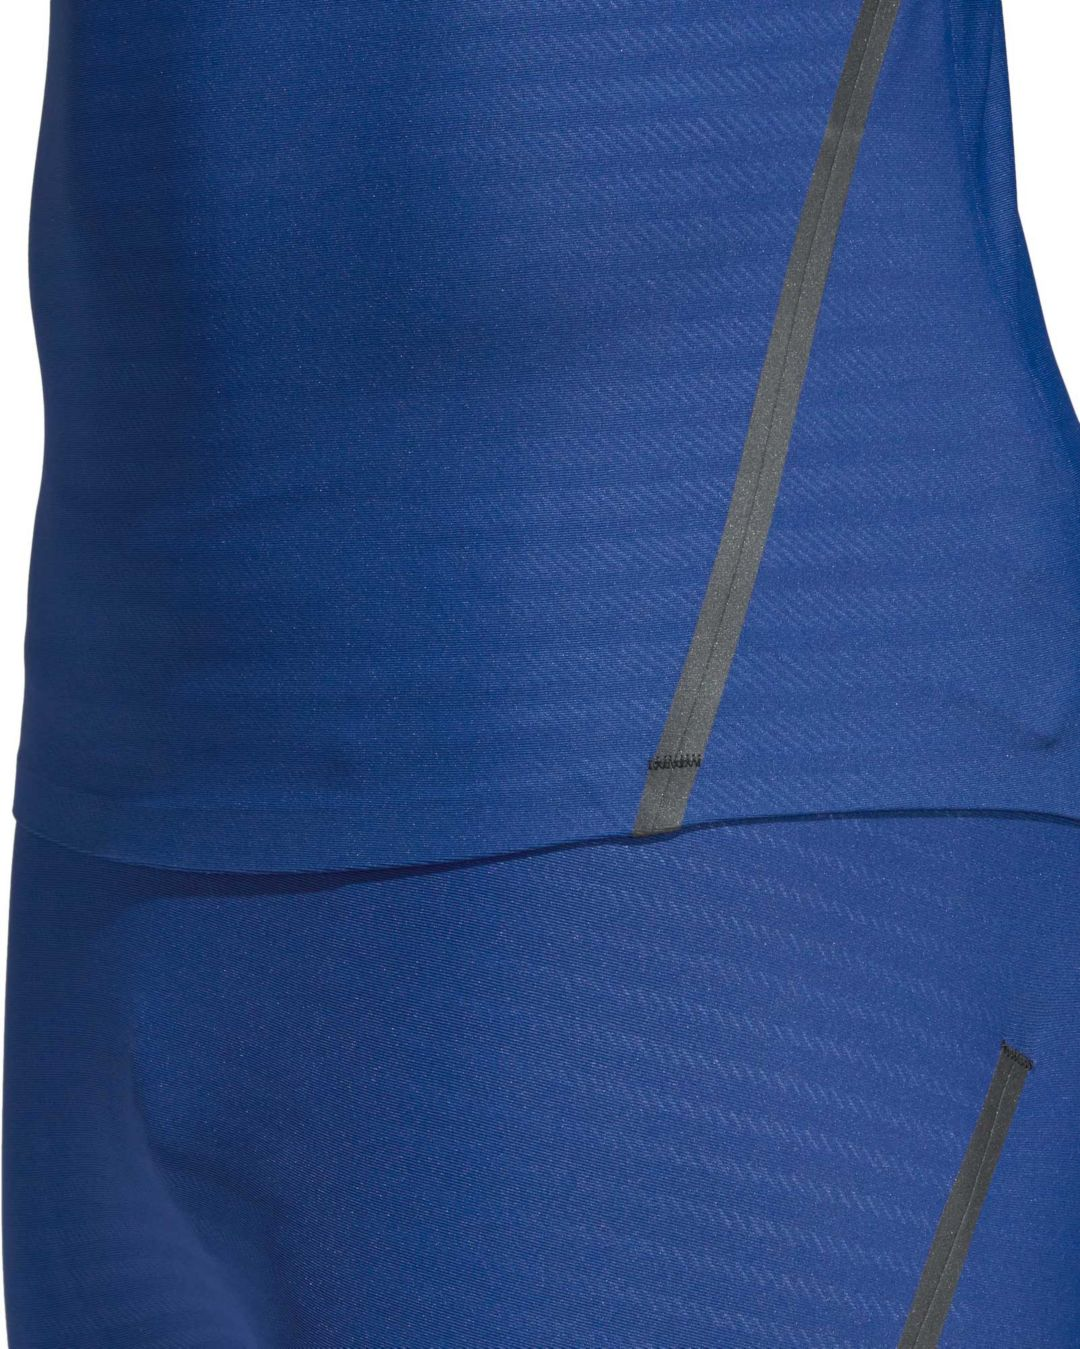 2d8cdcf328c14 adidas Men's Alphaskin 360 Long Sleeve Shirt. noImageFound. Previous. 1. 2.  3